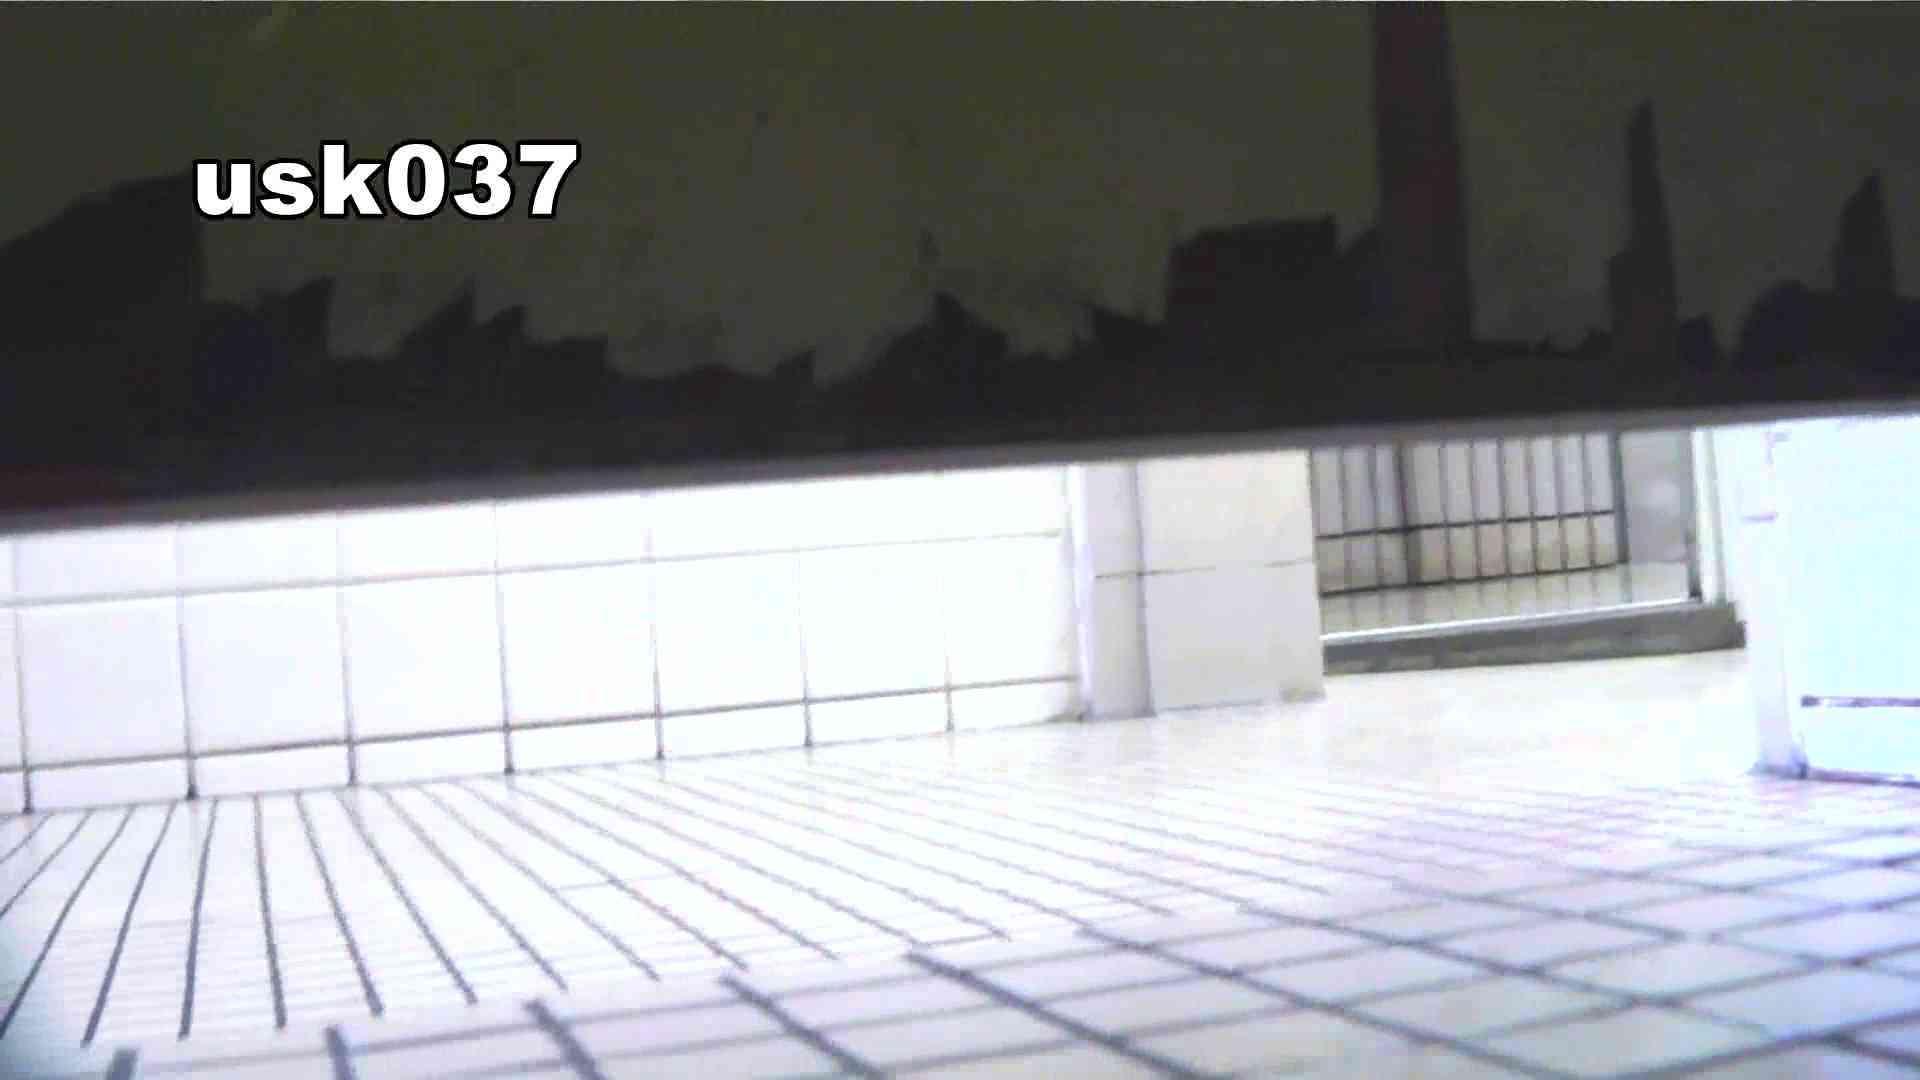 【美しき個室な世界】 vol.037 ひねり出す様子(フトイです) 洗面所  51画像 33